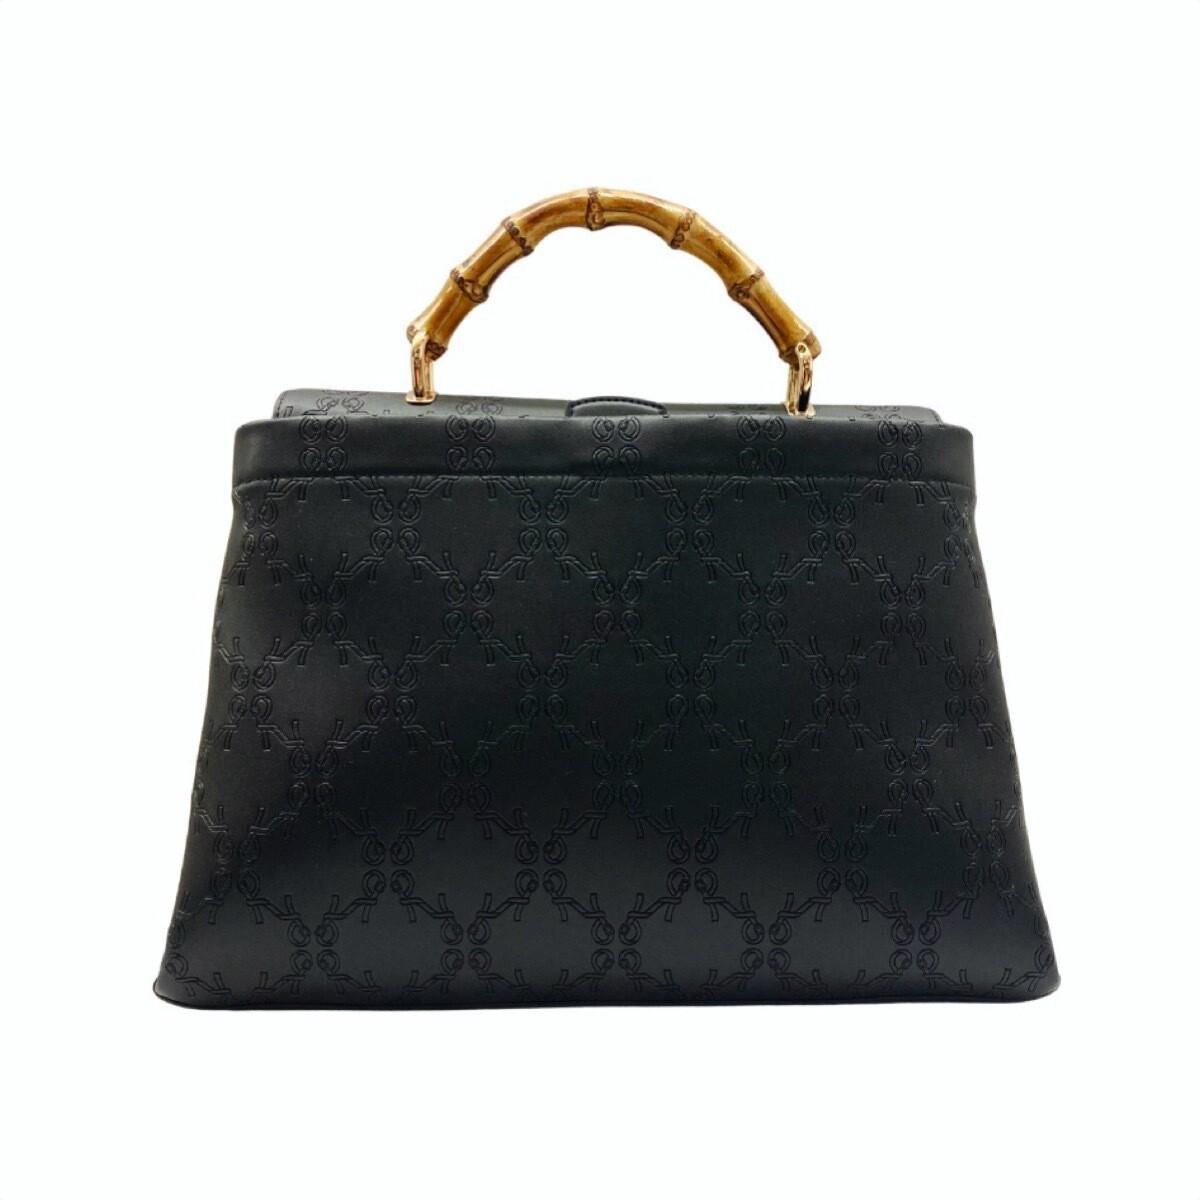 ROBERTA DI CAMERINO - Bamboo Handbag L con tracolla - Black